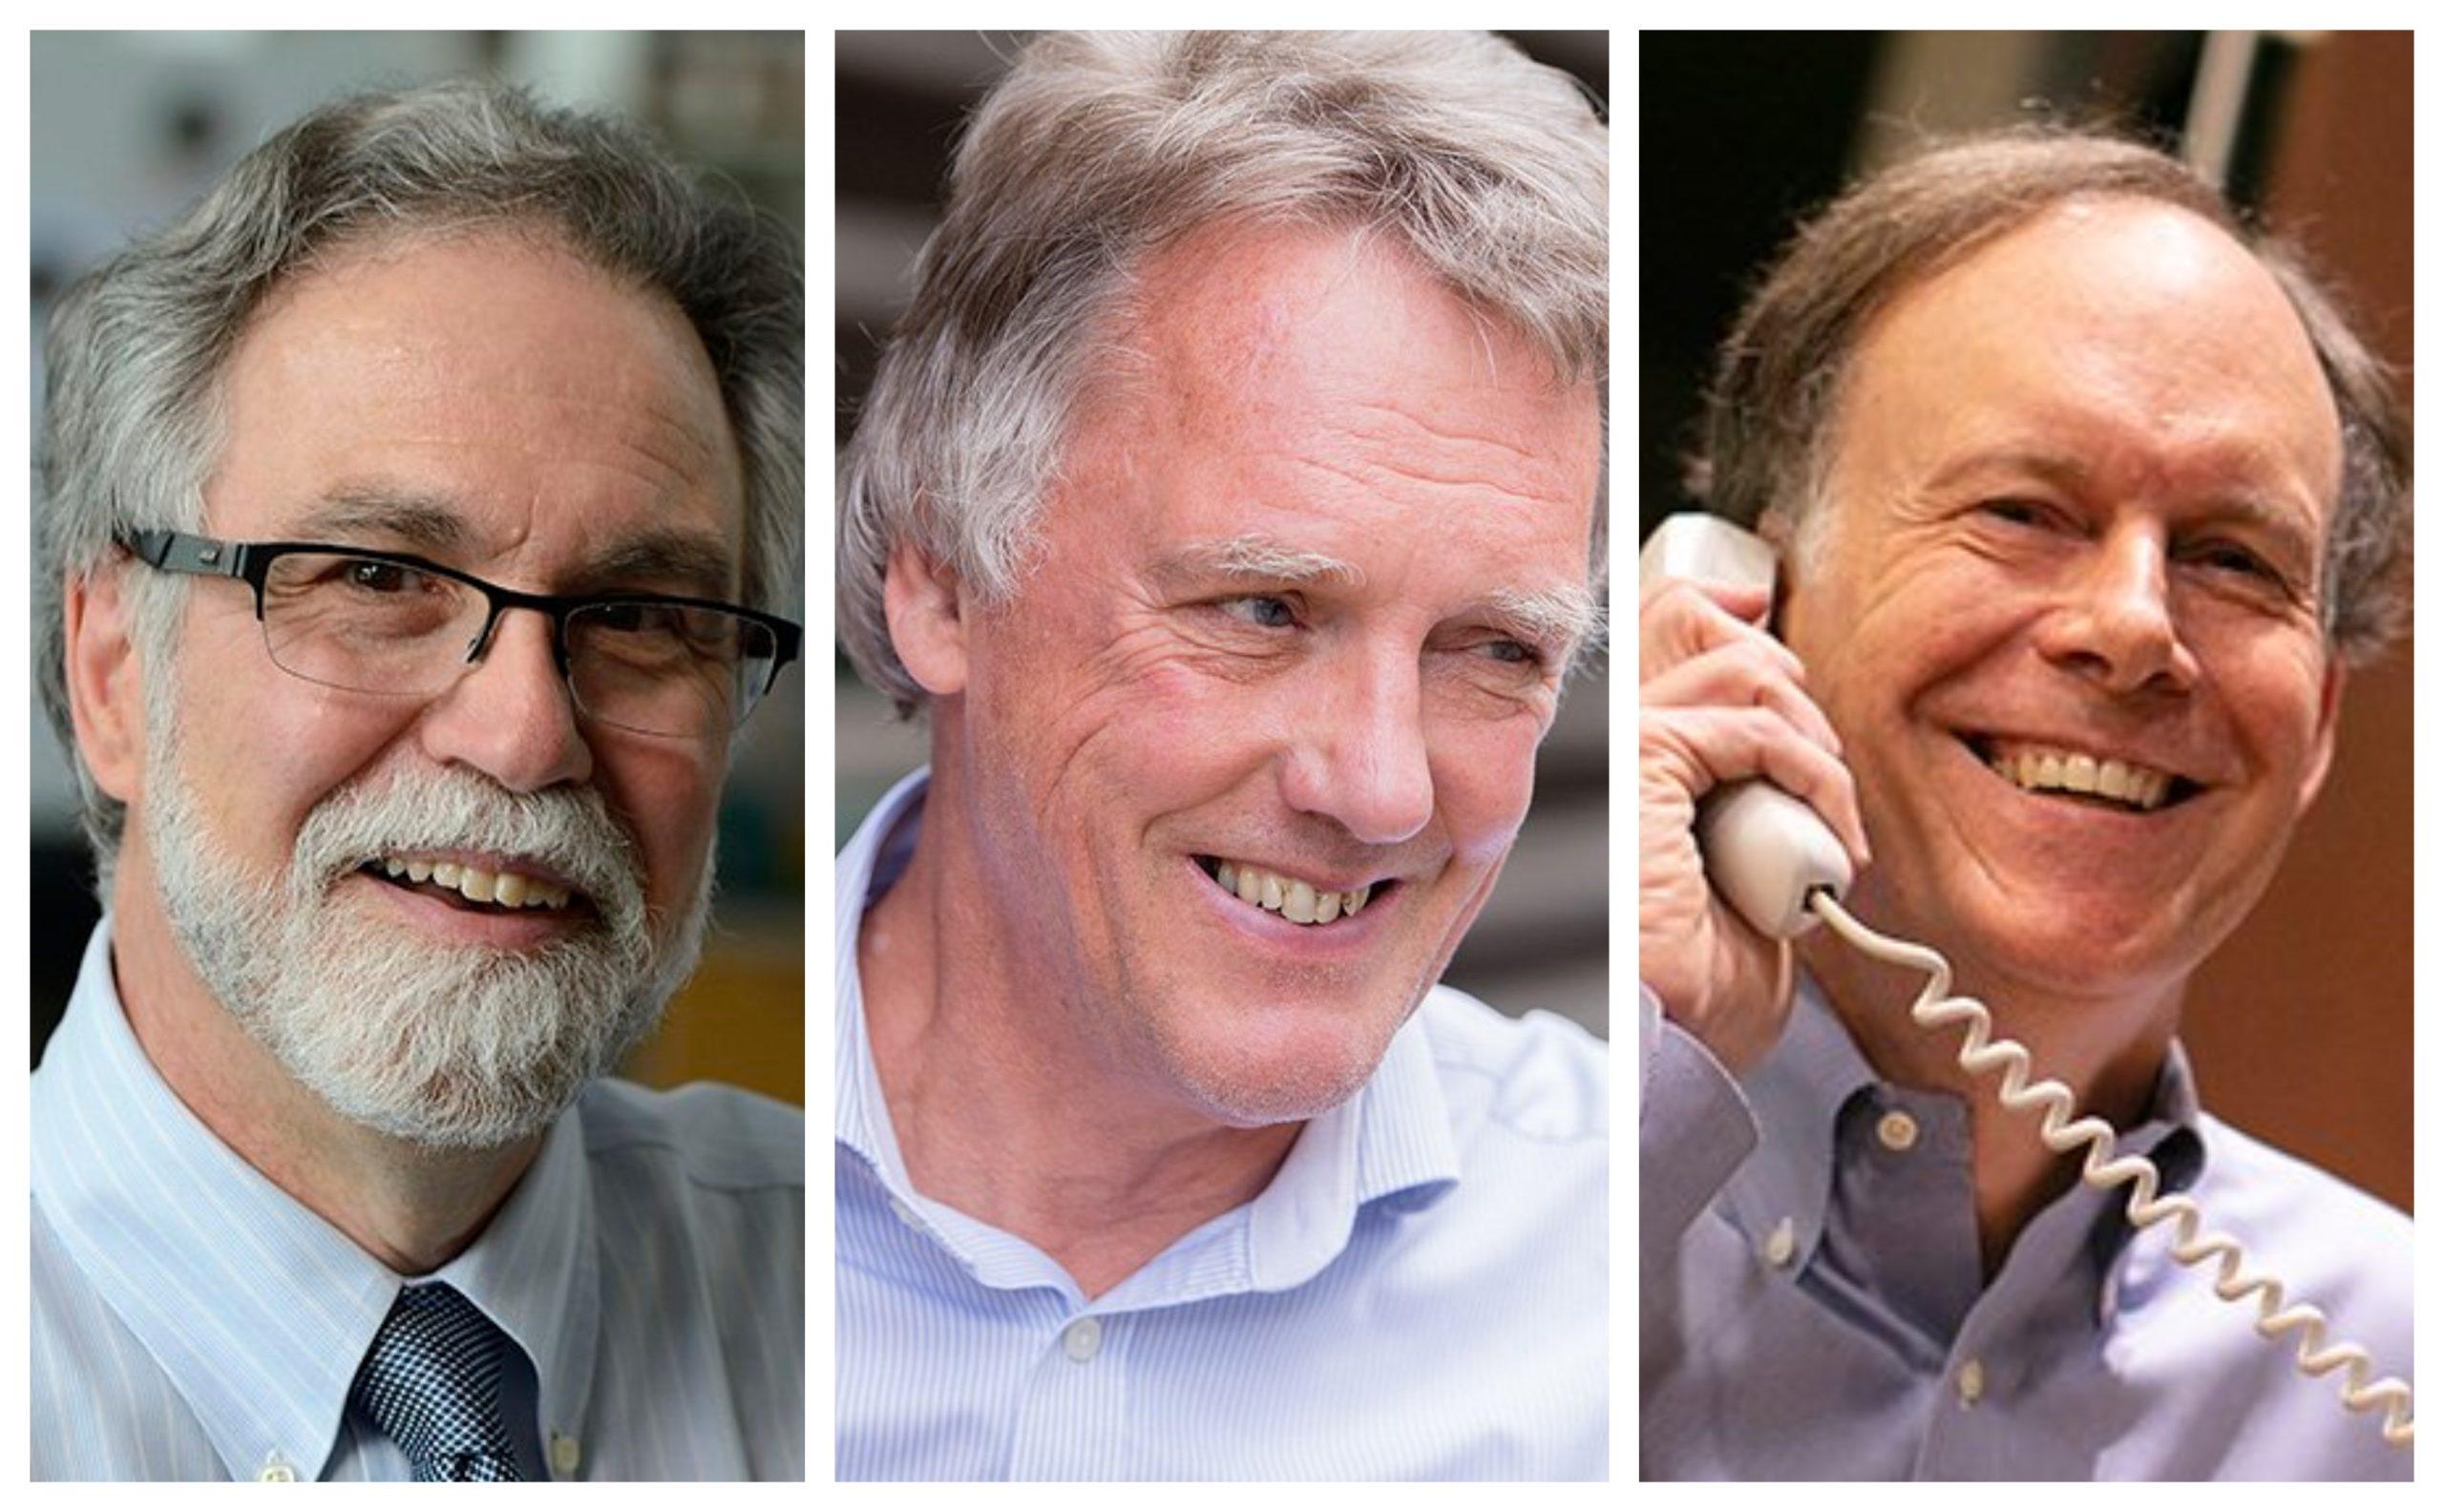 Da esquerda para a direita: Gregg Semenza, Peter Ratcliffe e William G. Kaelin Jr,, os vencedores do Nobel de medicina de 2019. Fotos: Twitter/ Reprodução.